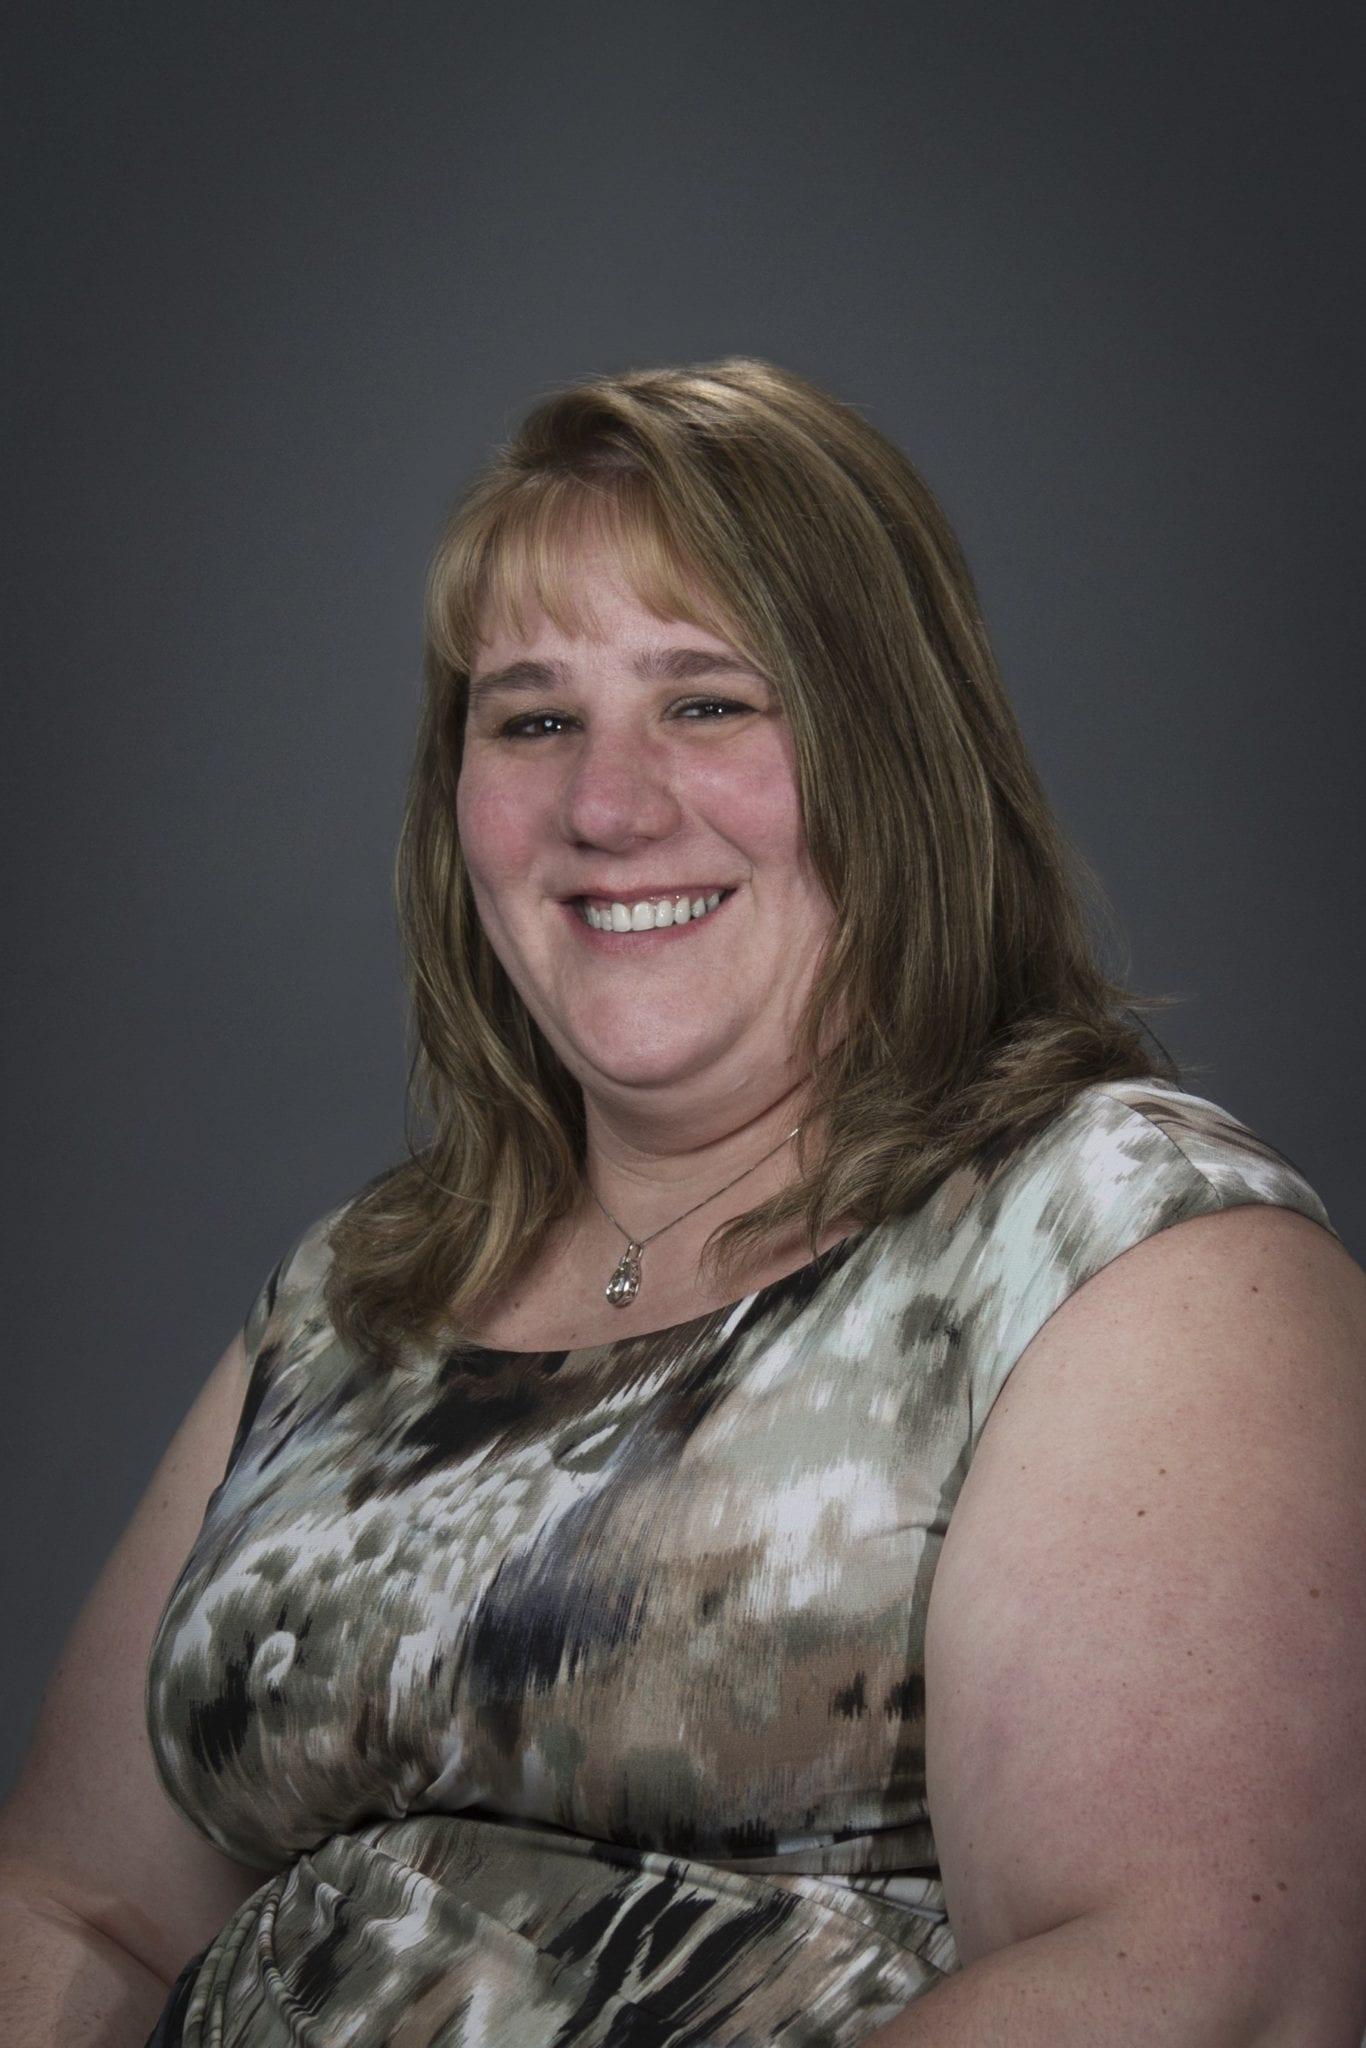 Kathy Vernon